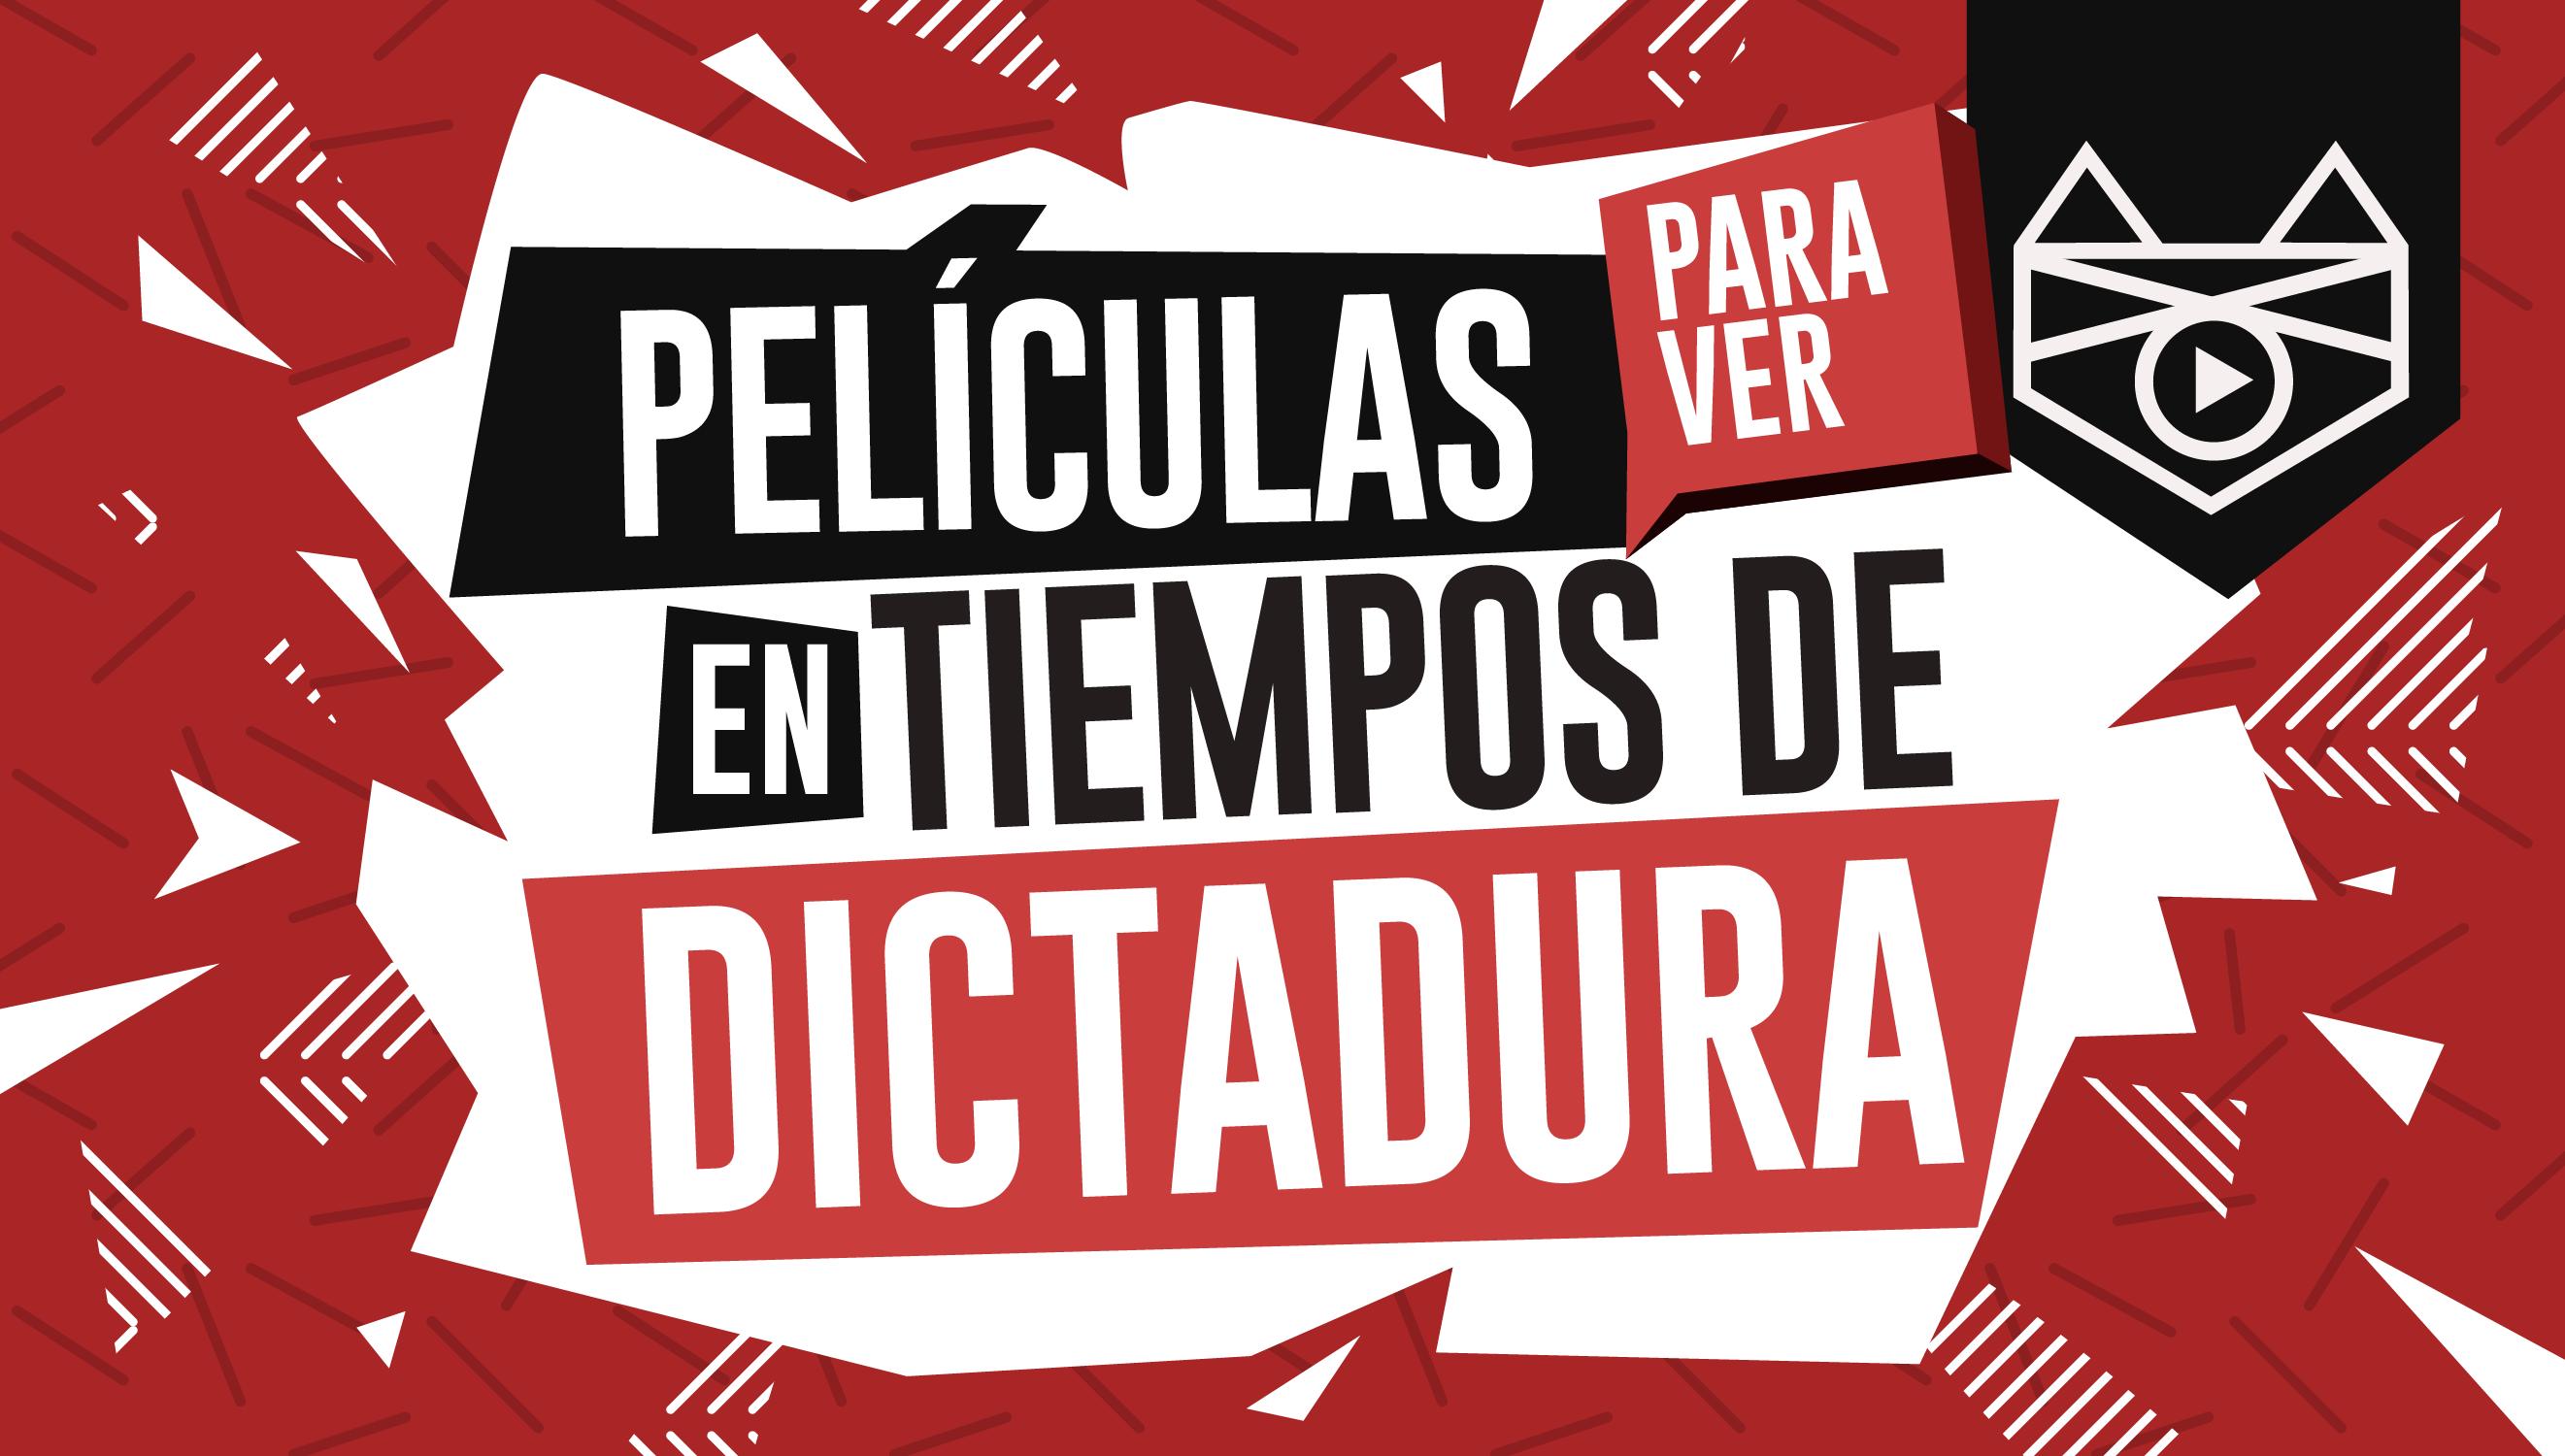 imagen 24 películas para ver en tiempos de dictadura